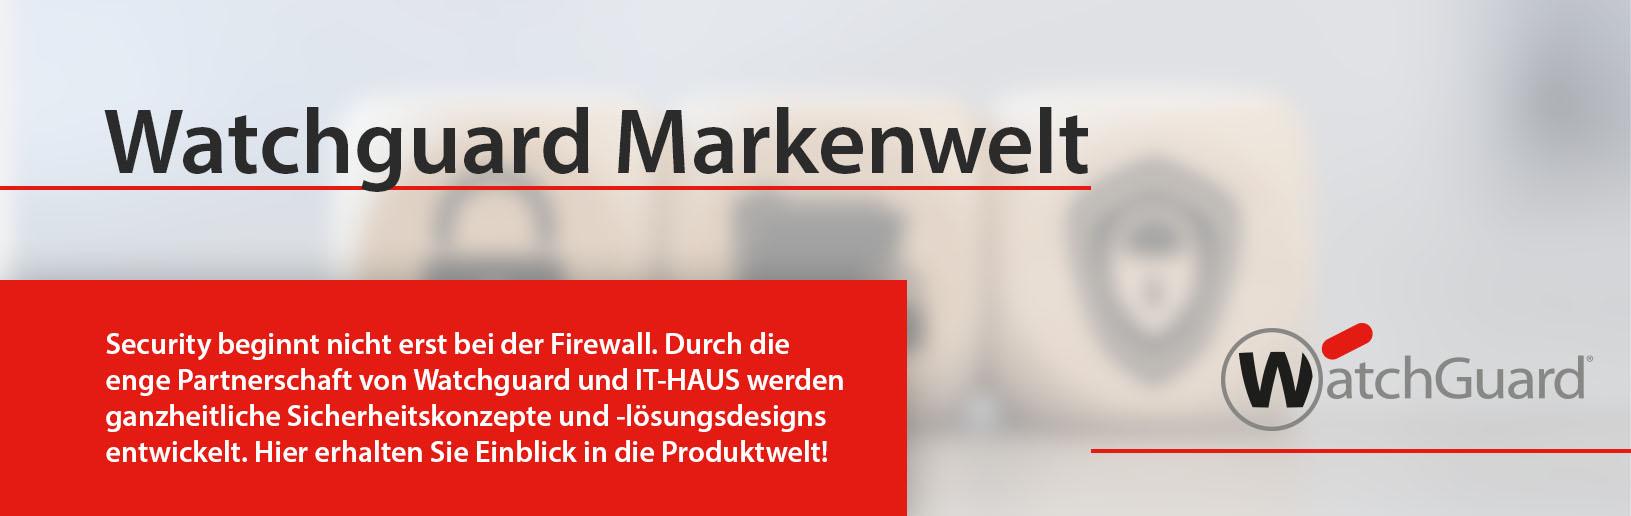 Watchguard-Markenweltslider